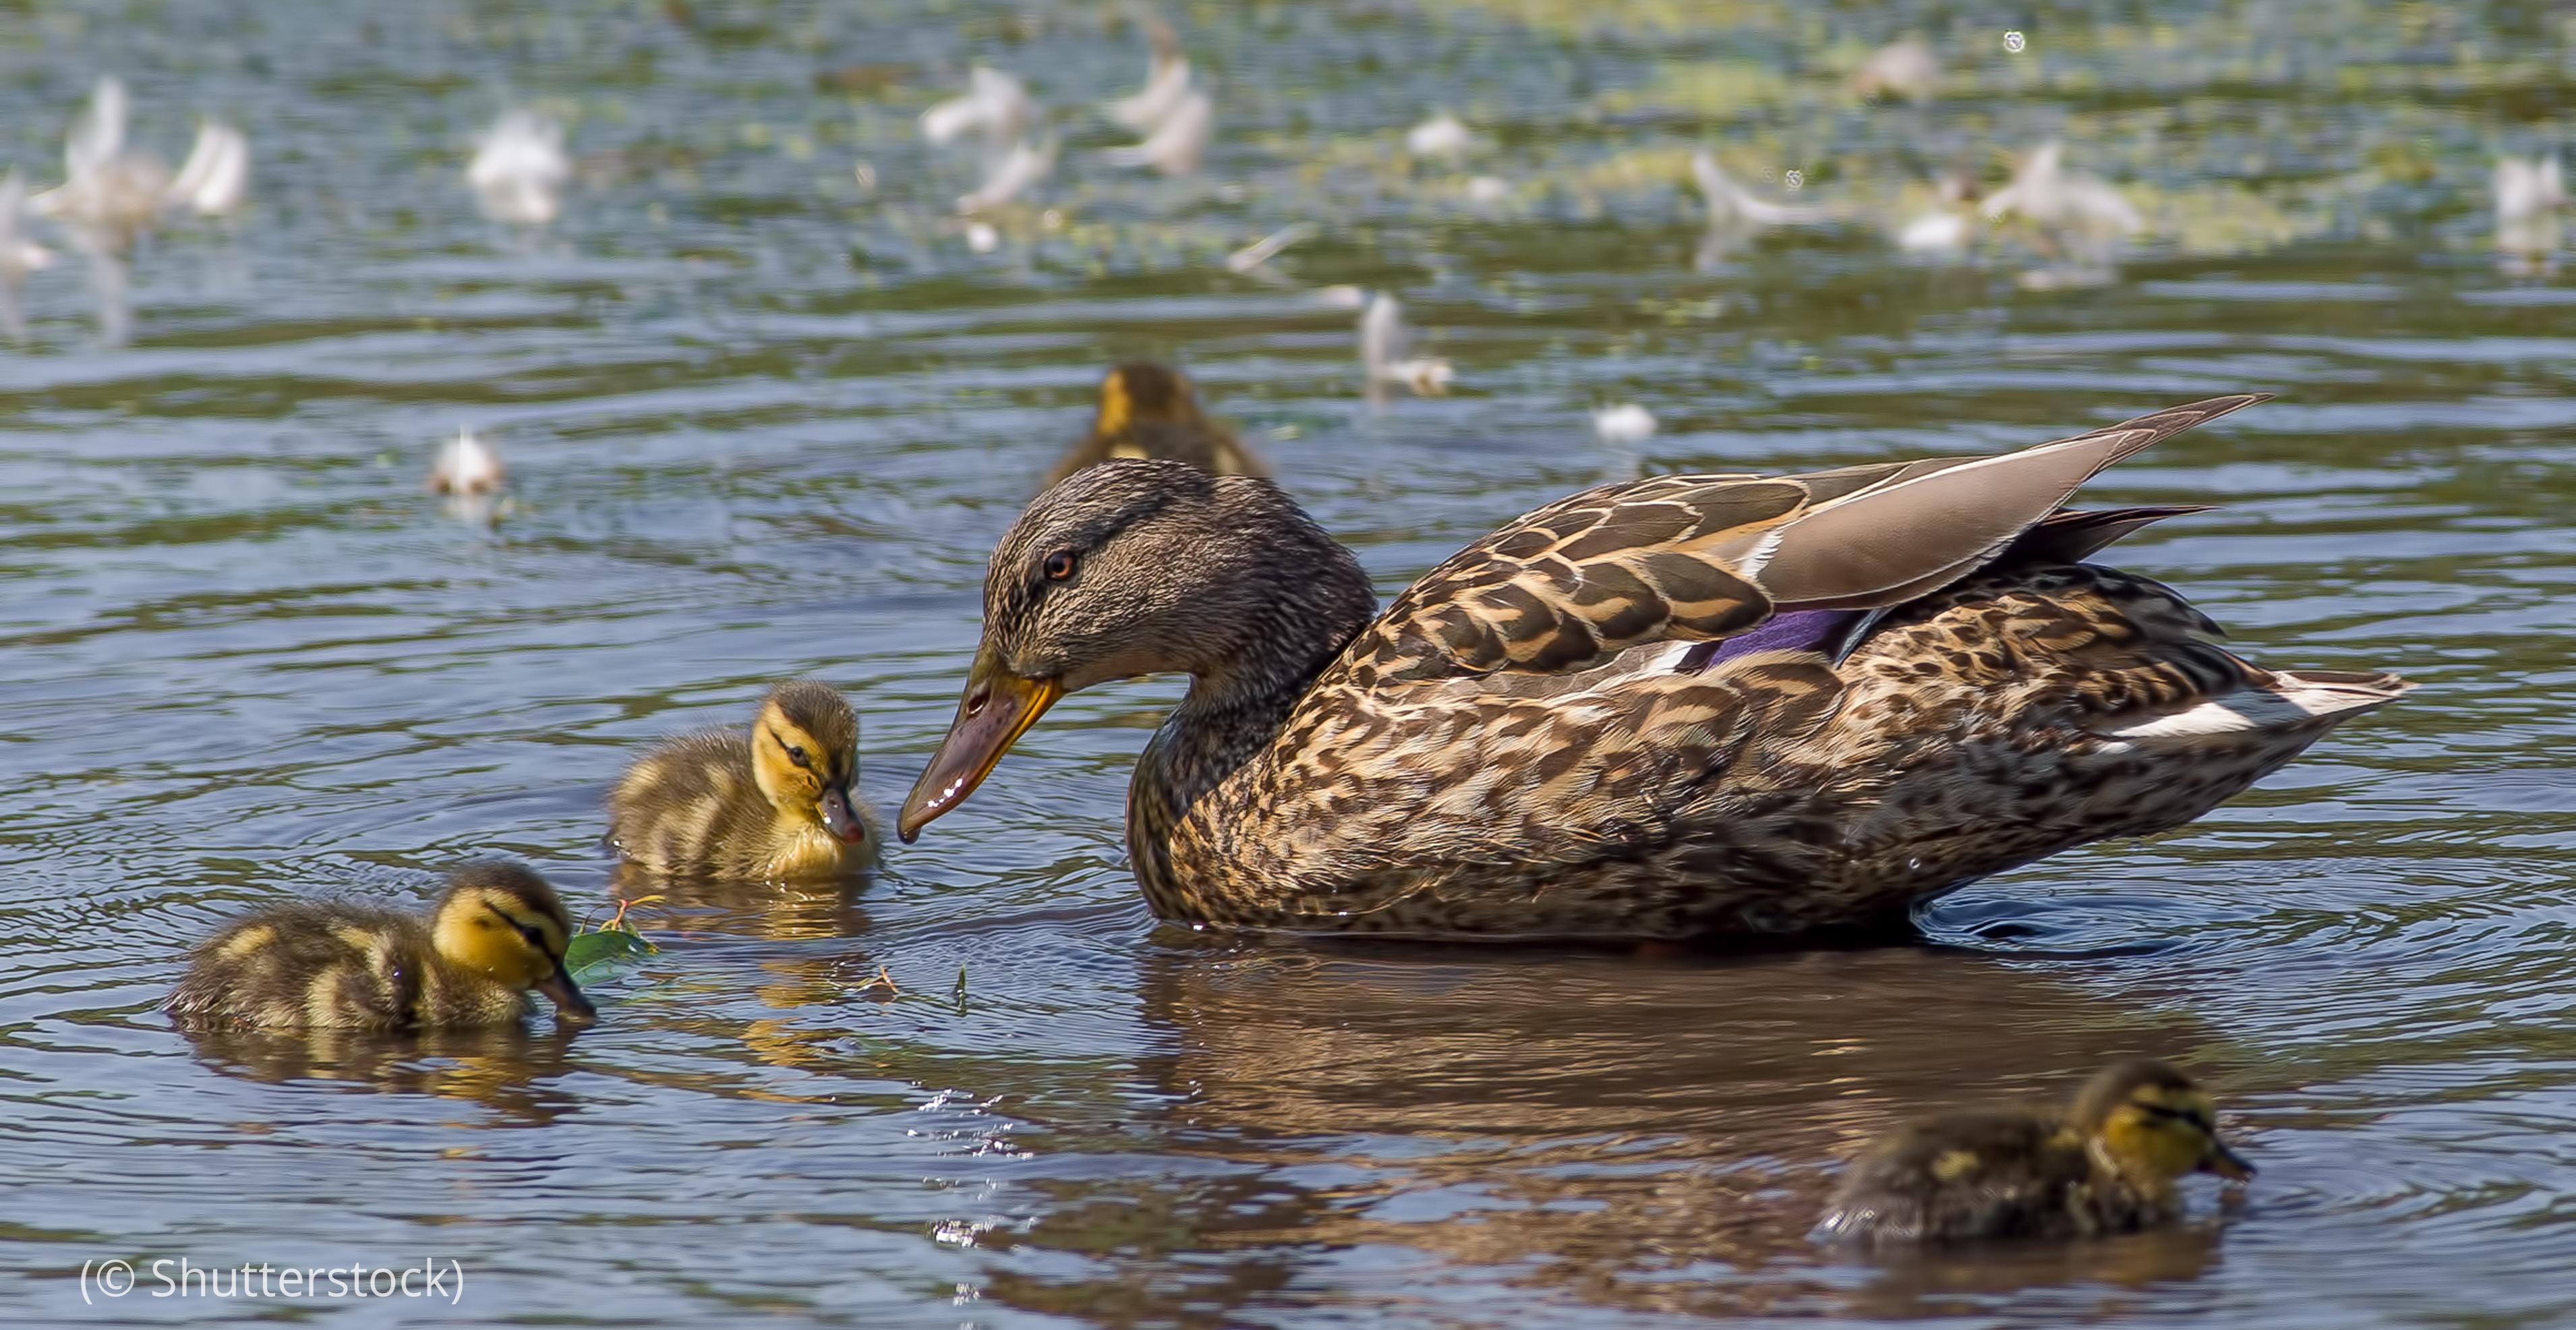 Itik melewar betina berenang bersama anak-anaknya (© Shutterstock)